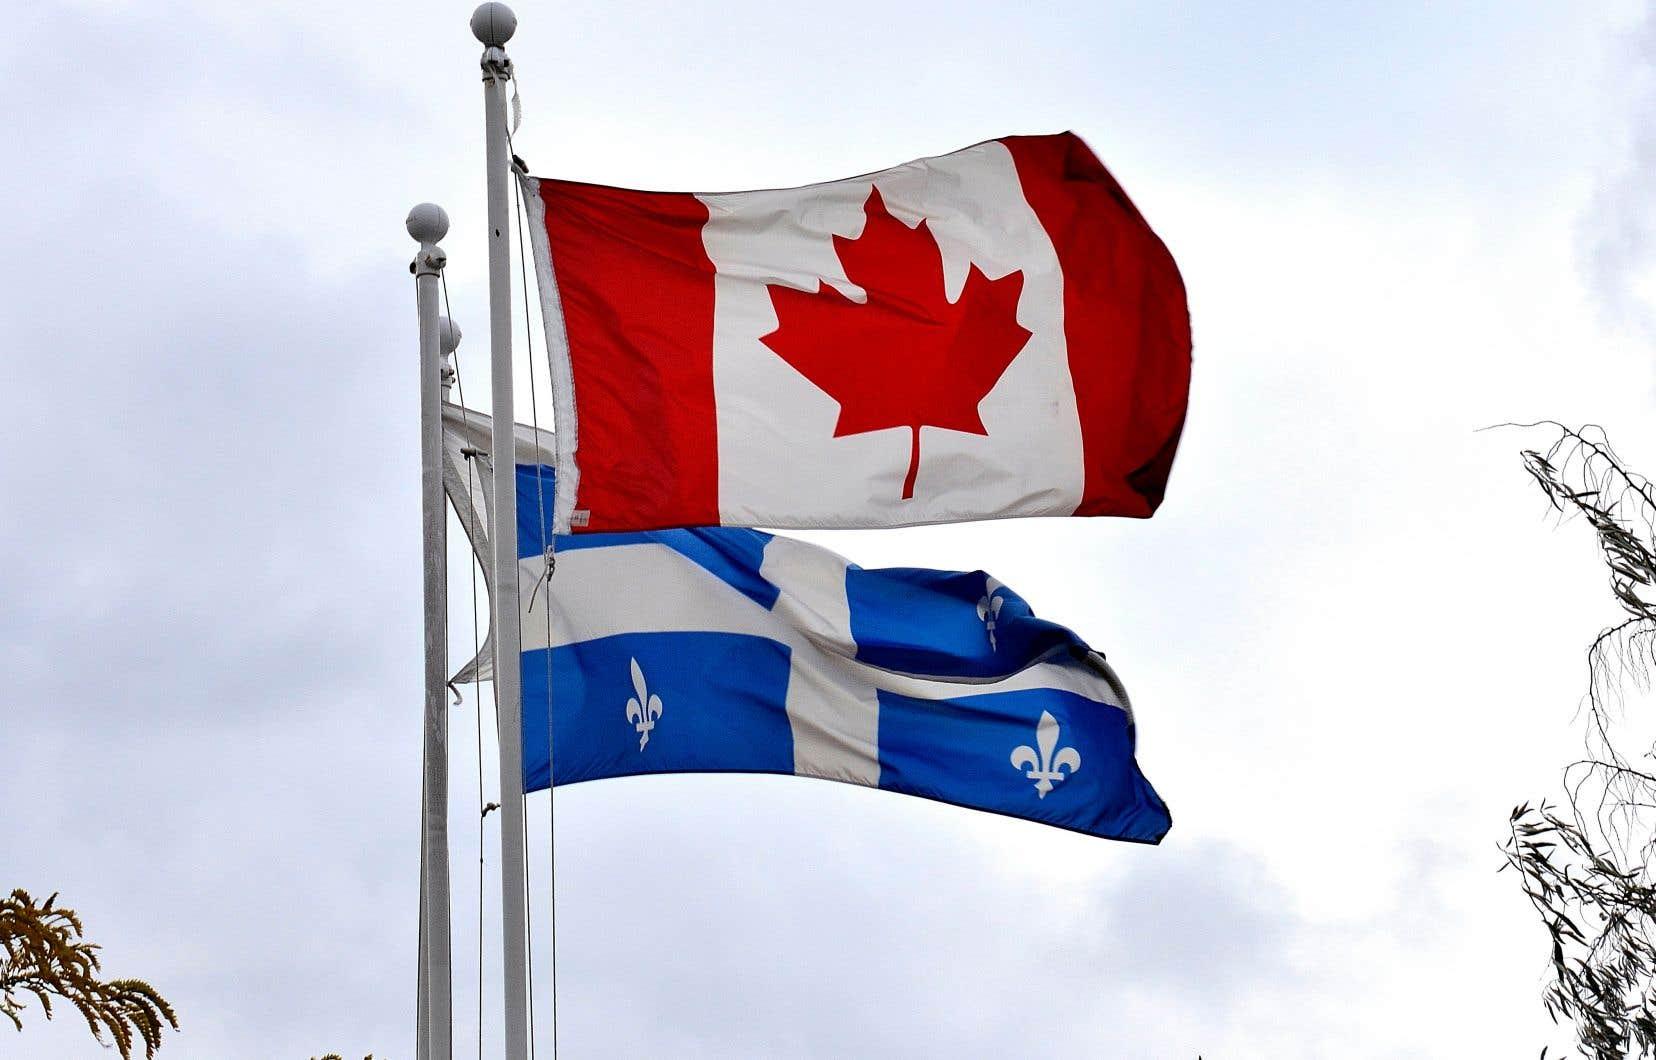 «La politique linguistique canadienne a été construite de façon à opposer les minorités francophones et le Québec. La francophonie peut-elle écrire sa propre histoire?», questionne l'auteur.